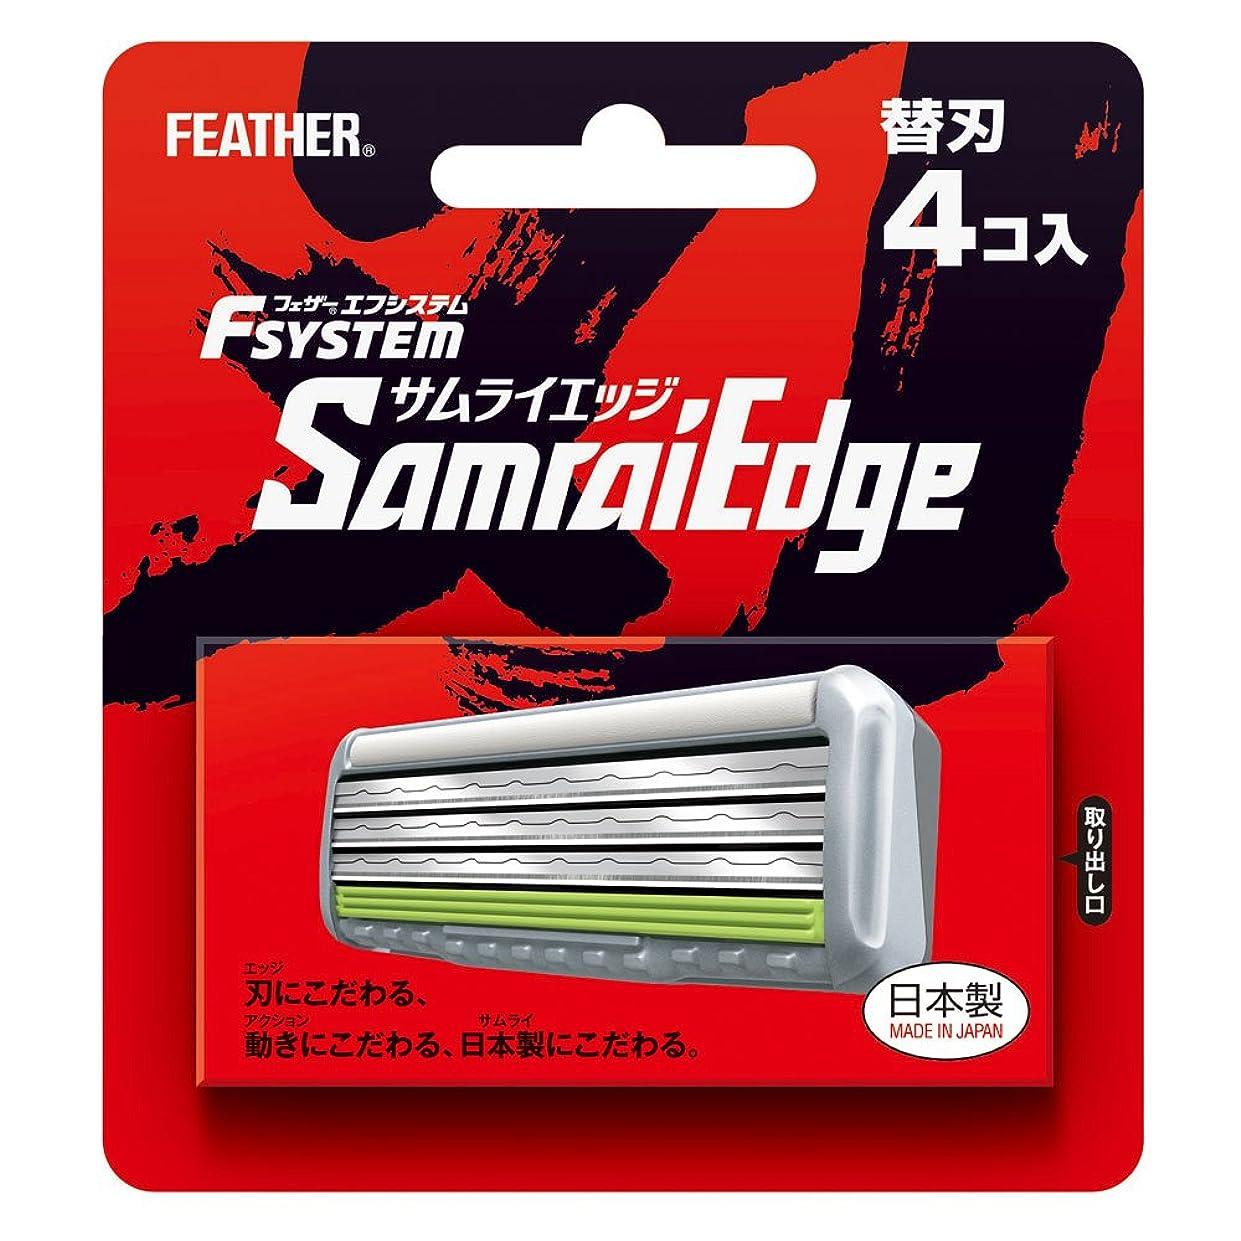 特に再開酸化物フェザー エフシステム 替刃 サムライエッジ 4コ入 (日本製)